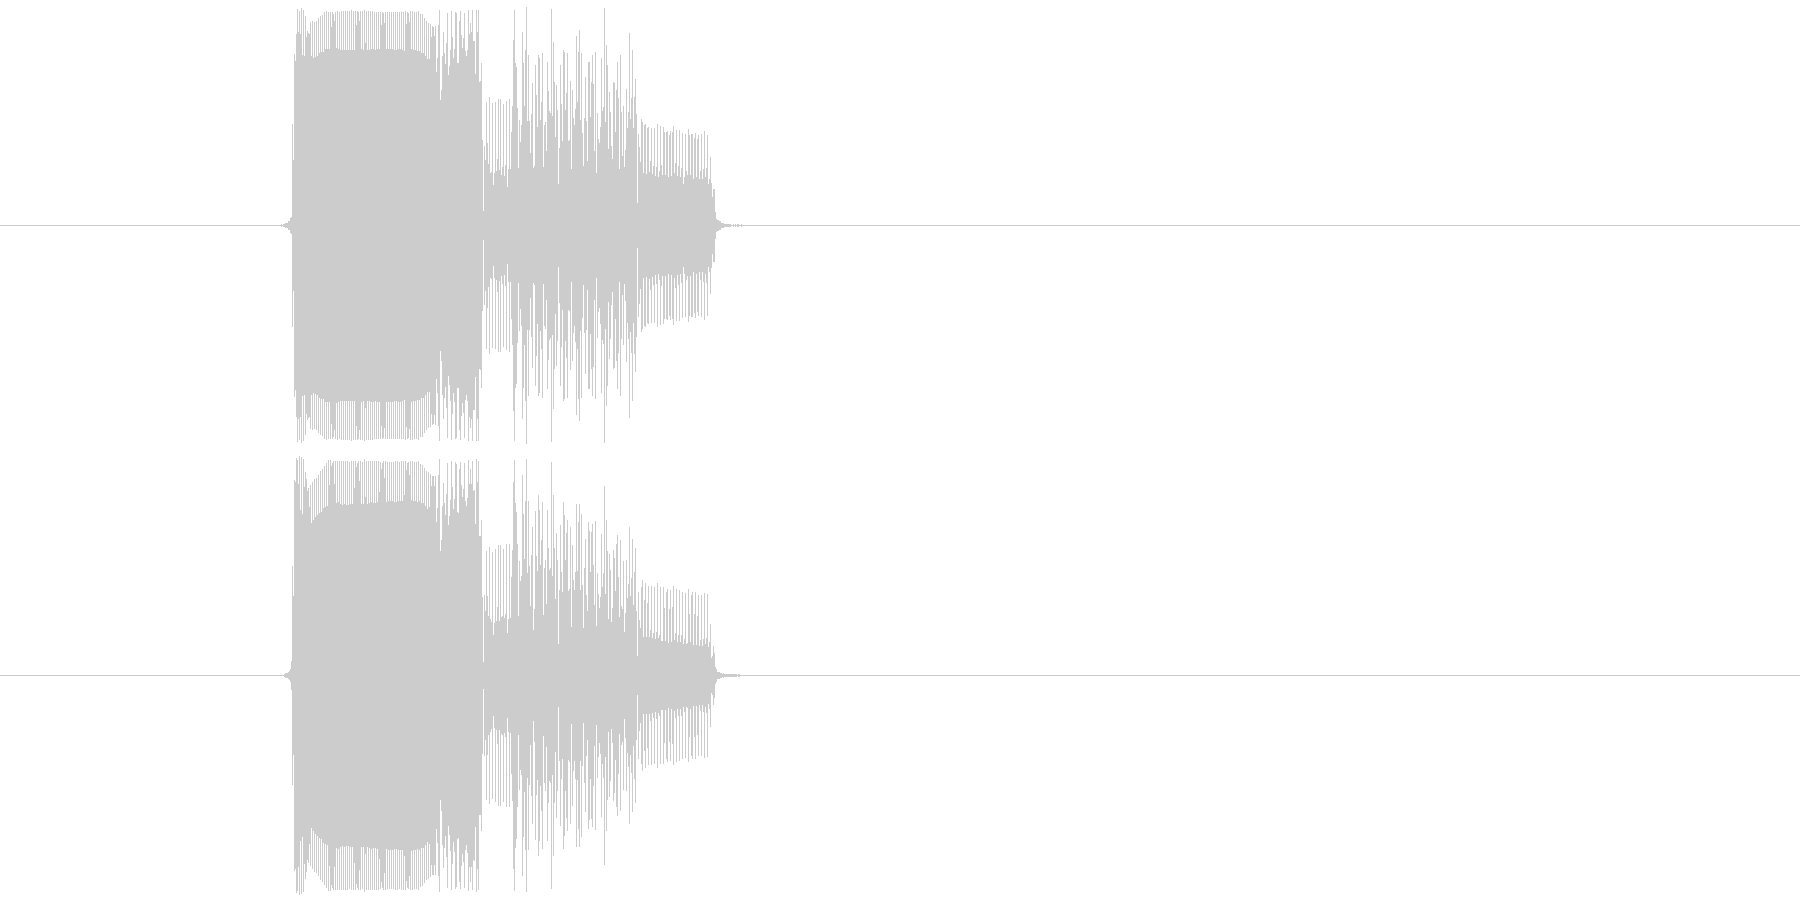 ゲームのカーソル音や決定音にピッタリな…の未再生の波形